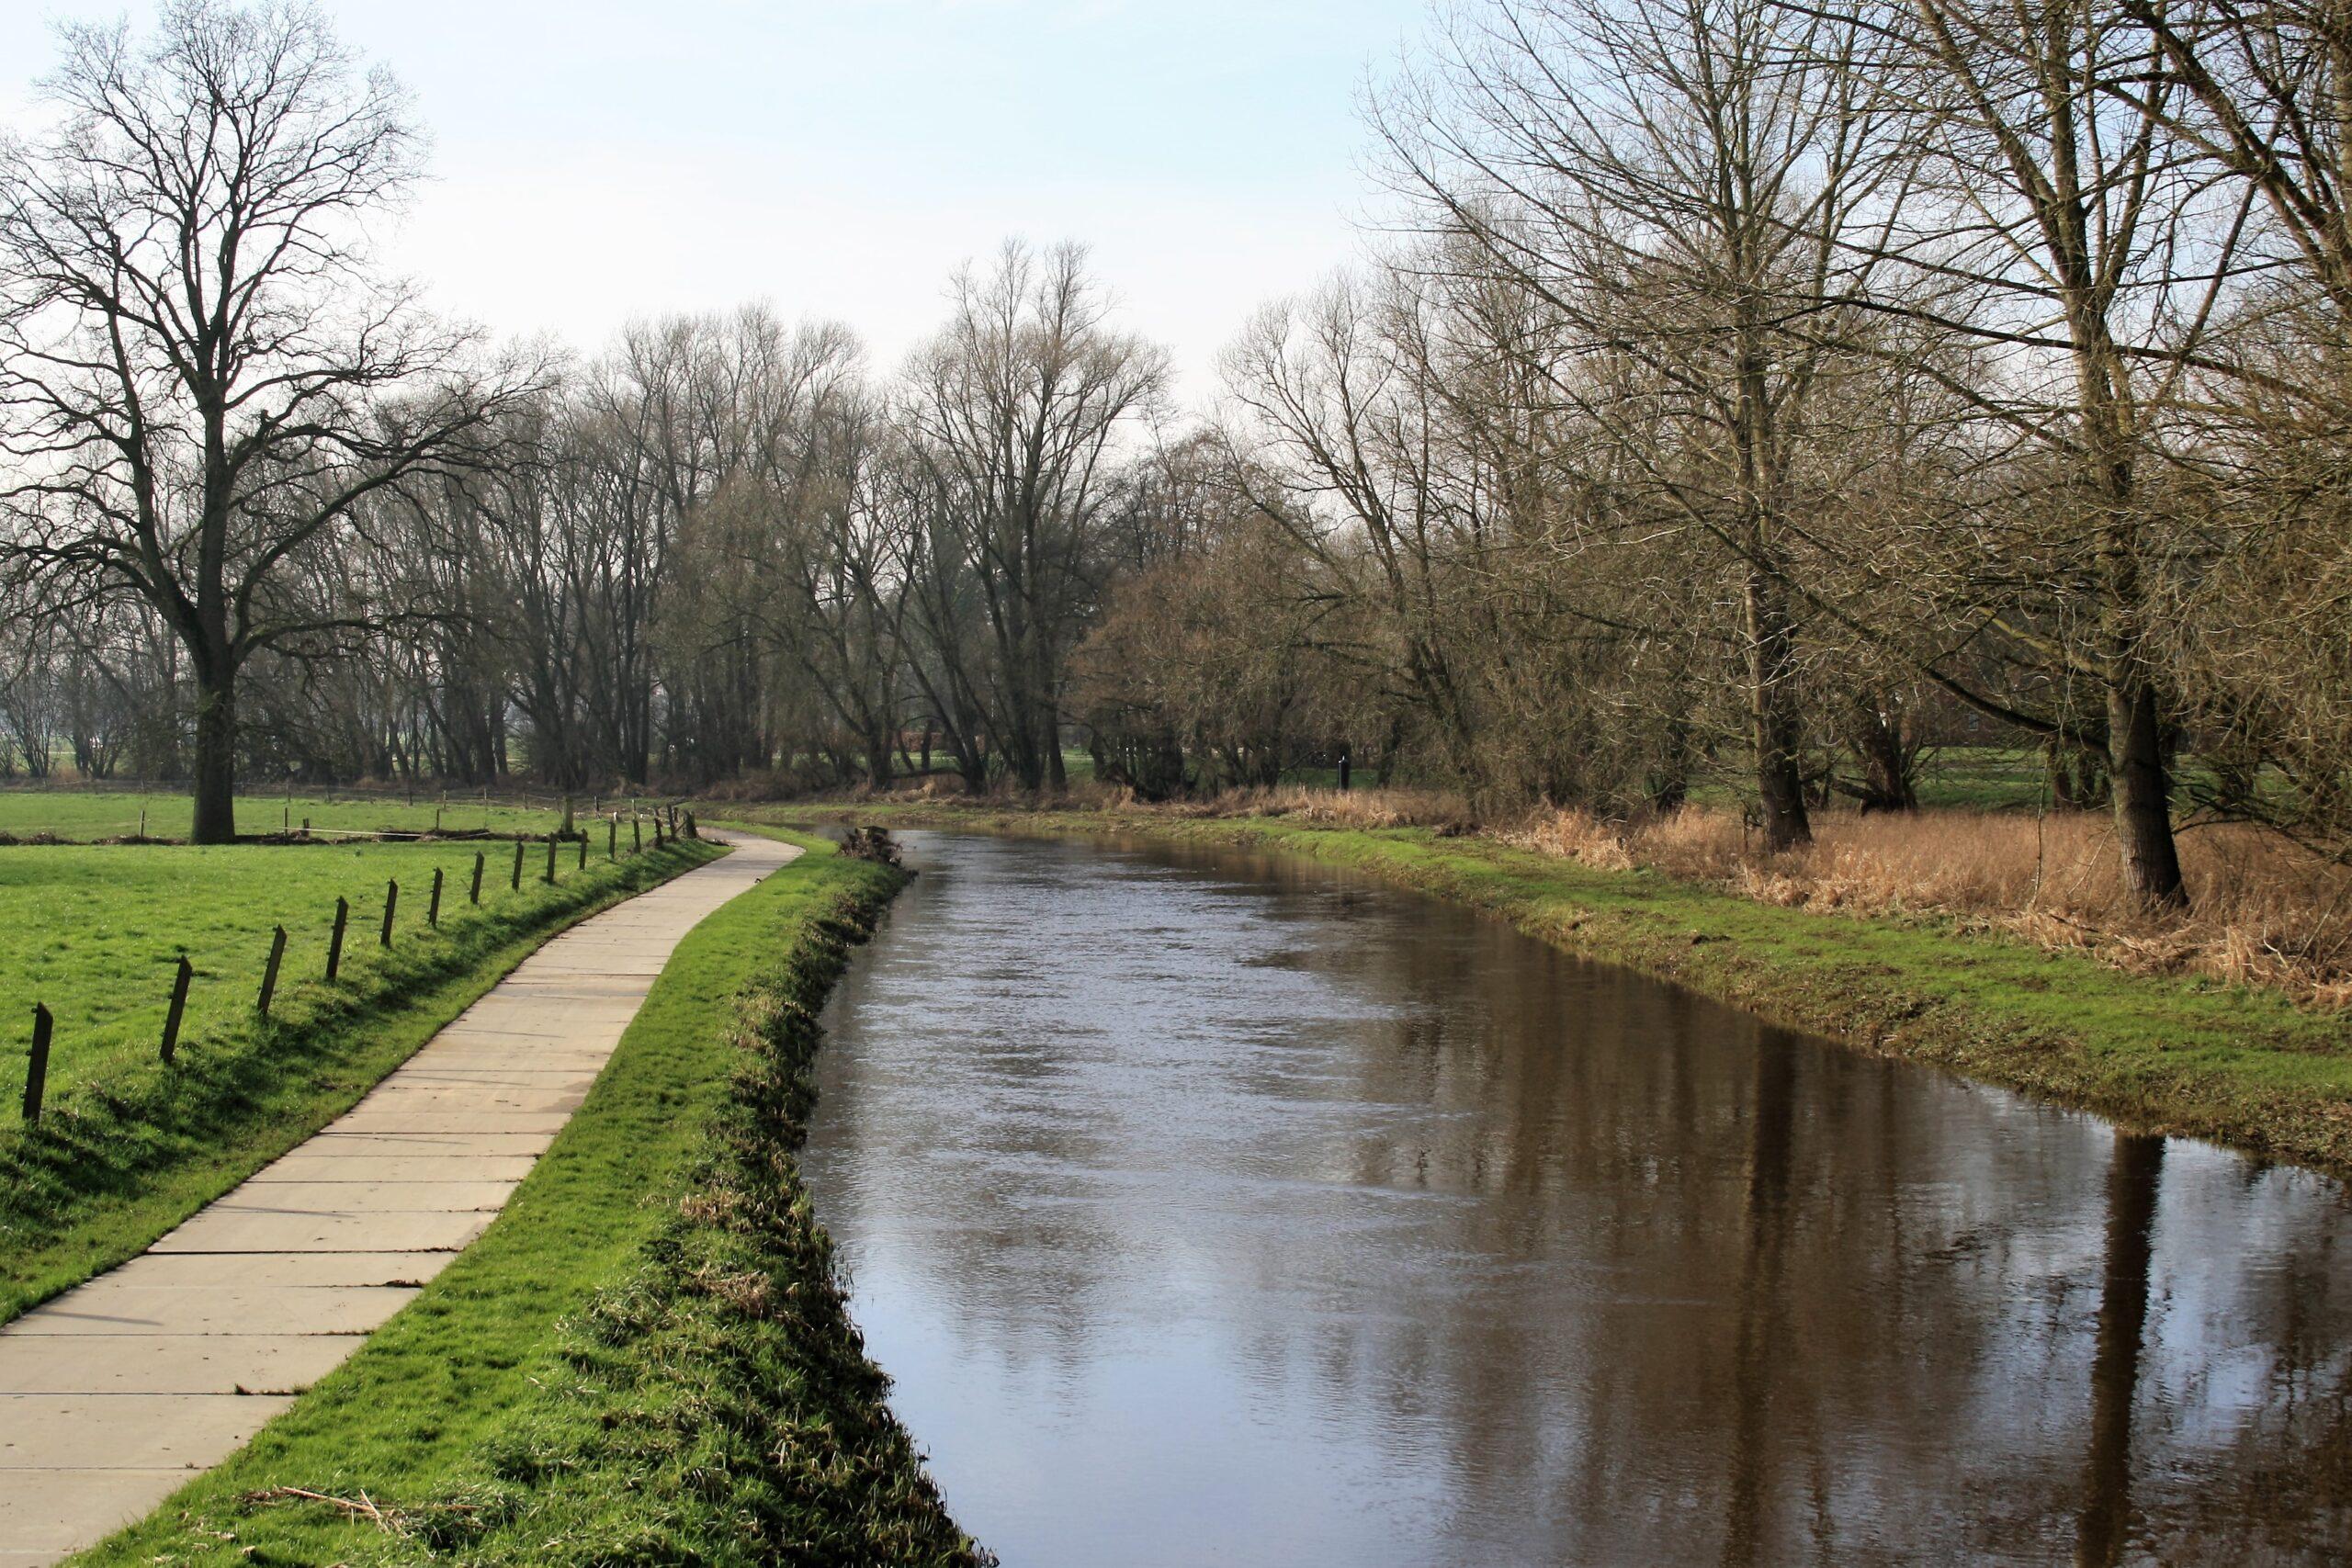 Mooie fietsroute`s Vooral als rivier de Dinkel overstroomt is. Wat zeker niet een ieder goed is,is het toch bijzonder indrukwekkend om te zien.